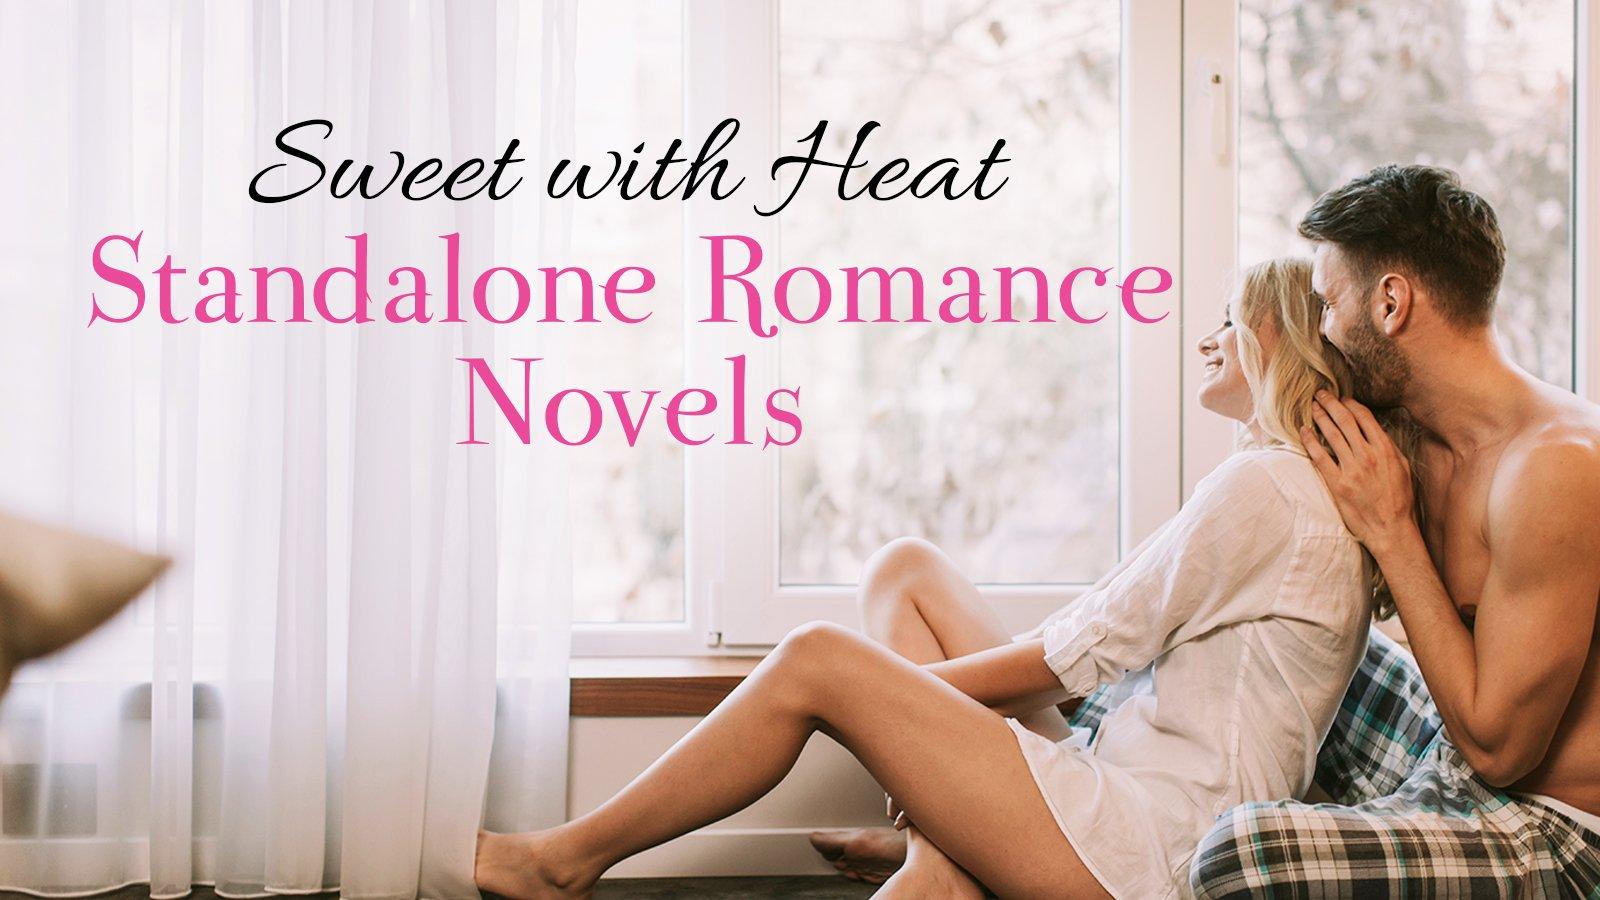 Addison Cole Standalone Romance Novels